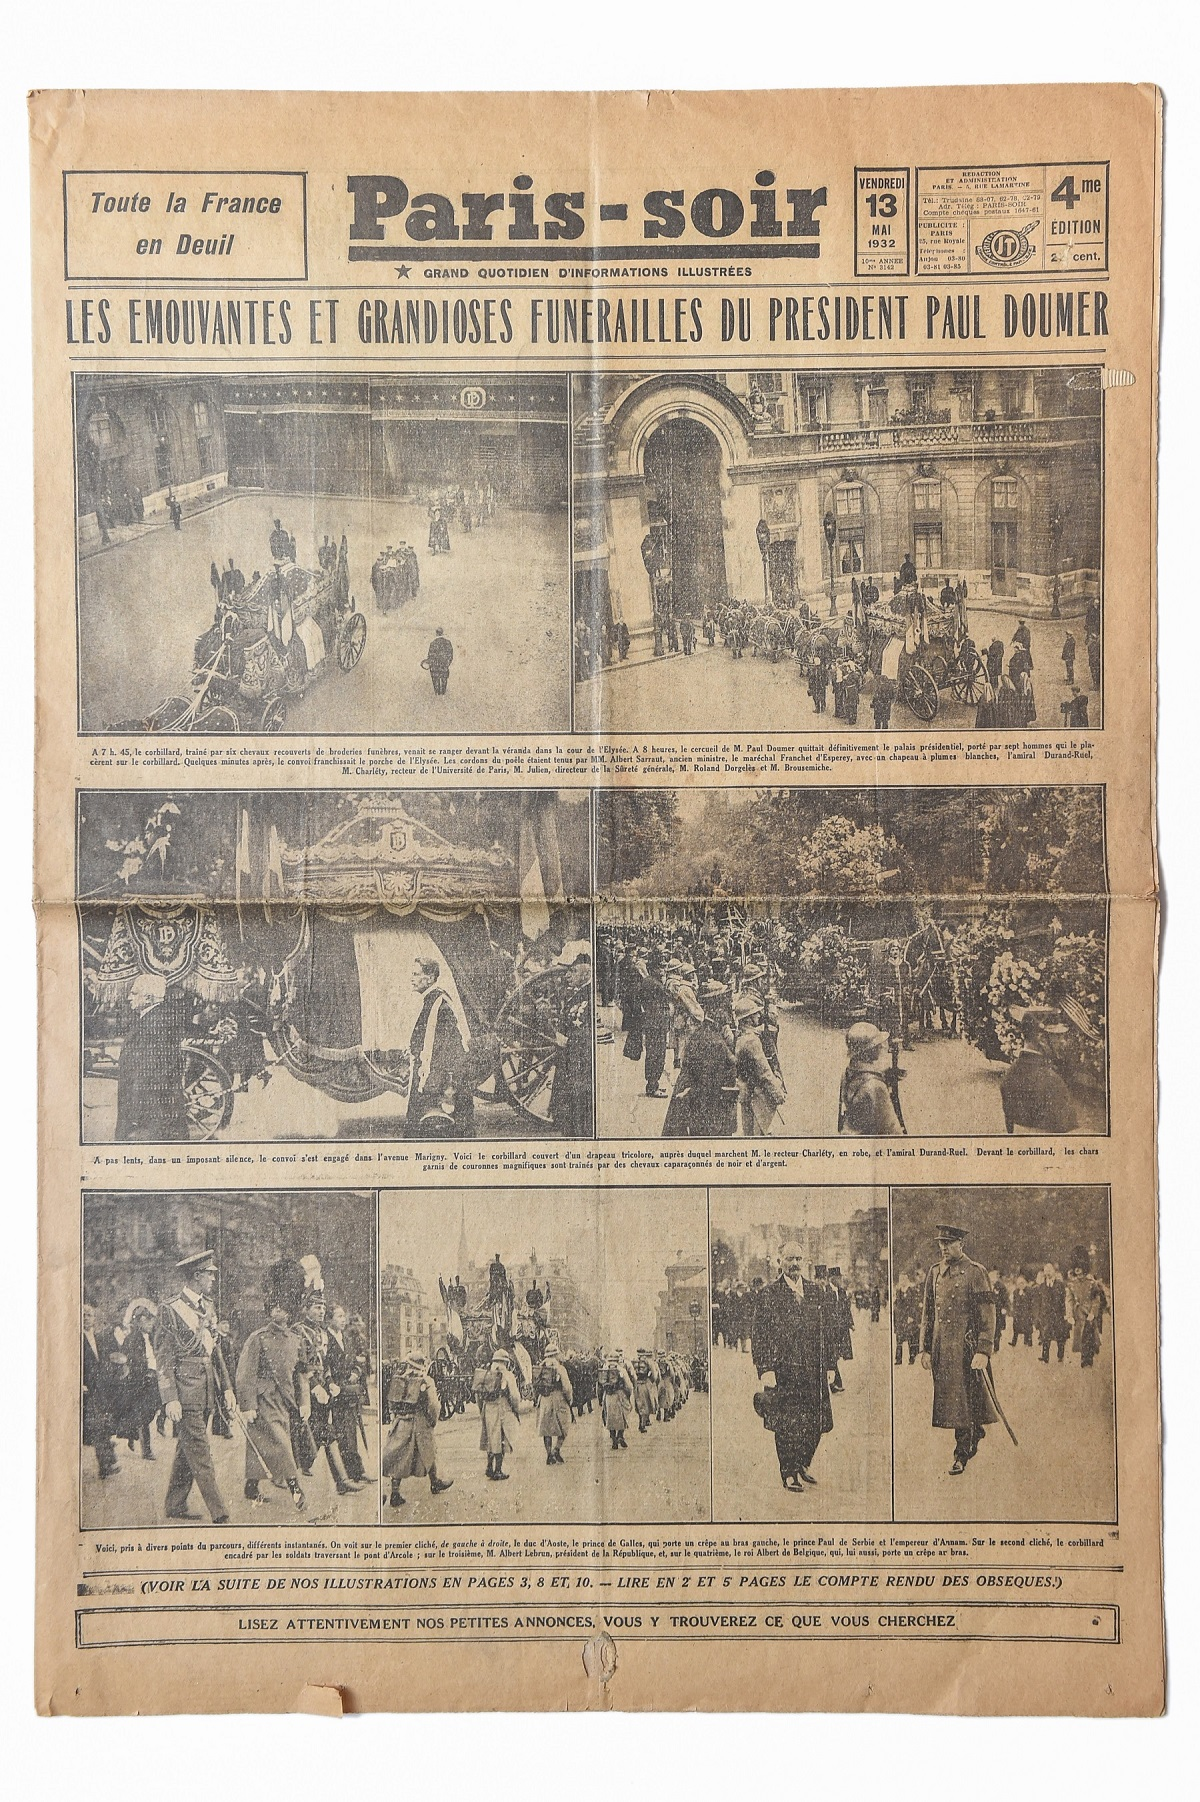 """Reportažas apie 1932 m. gegužės 7 d. tragiškai žuvusio 1931–1932 m. Prancūzijos prezidento Polio Dumero (Paul Doumer) laidotuves. Dienraštis """"Paris-soir"""", 1932 m. gegužės 13 d. G. Kartano nuotr."""